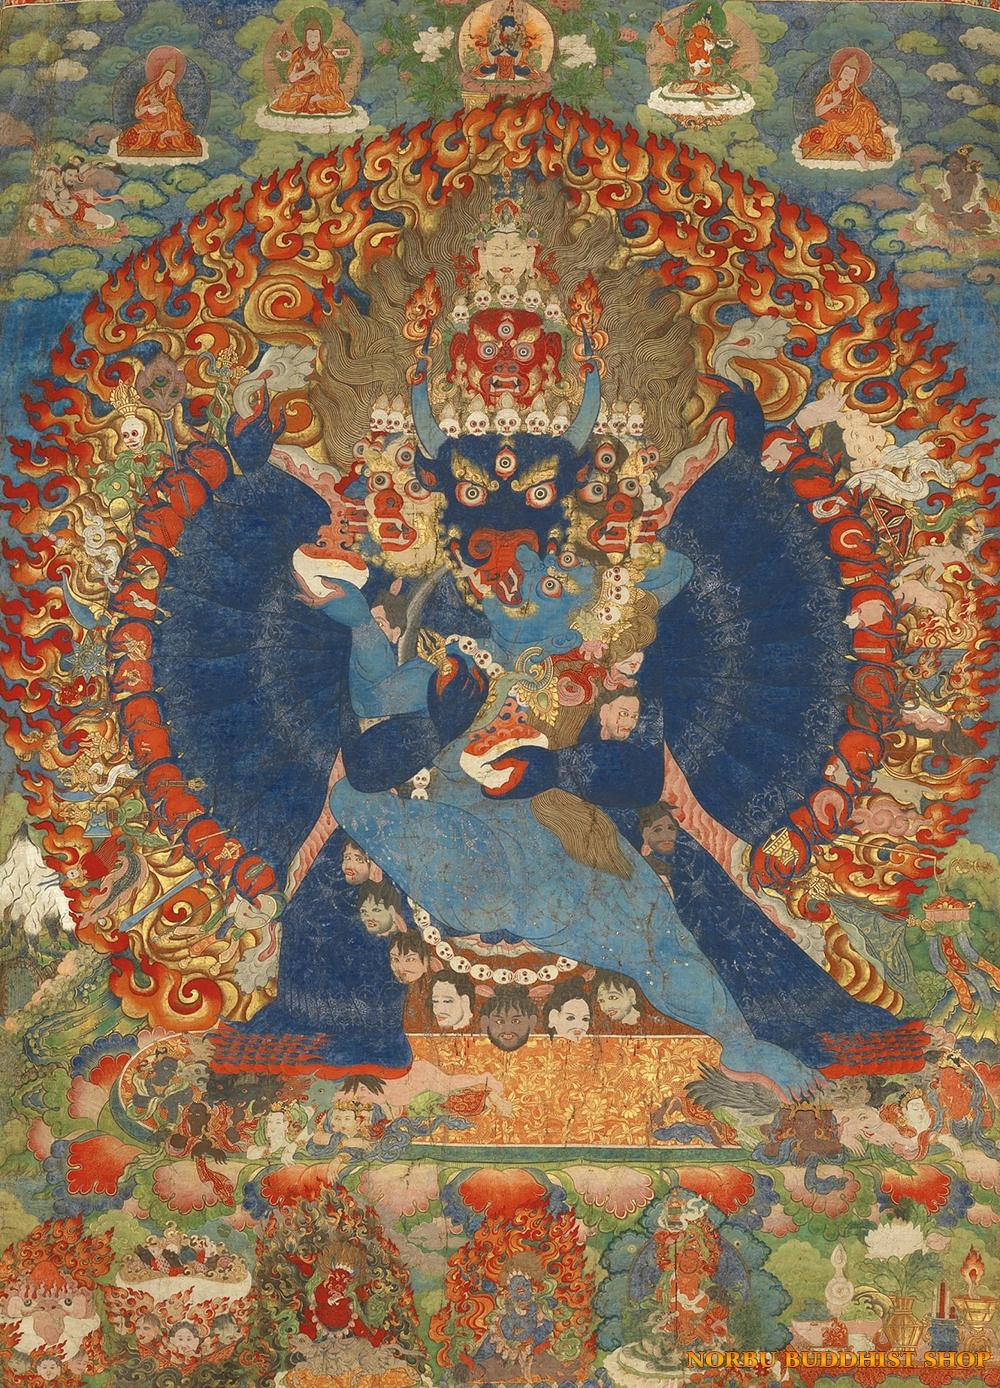 Ý nghĩa tôn giáo trong tranh Thangka Tây Tạng - Tangka Tibet có gì đặc sắc? 1